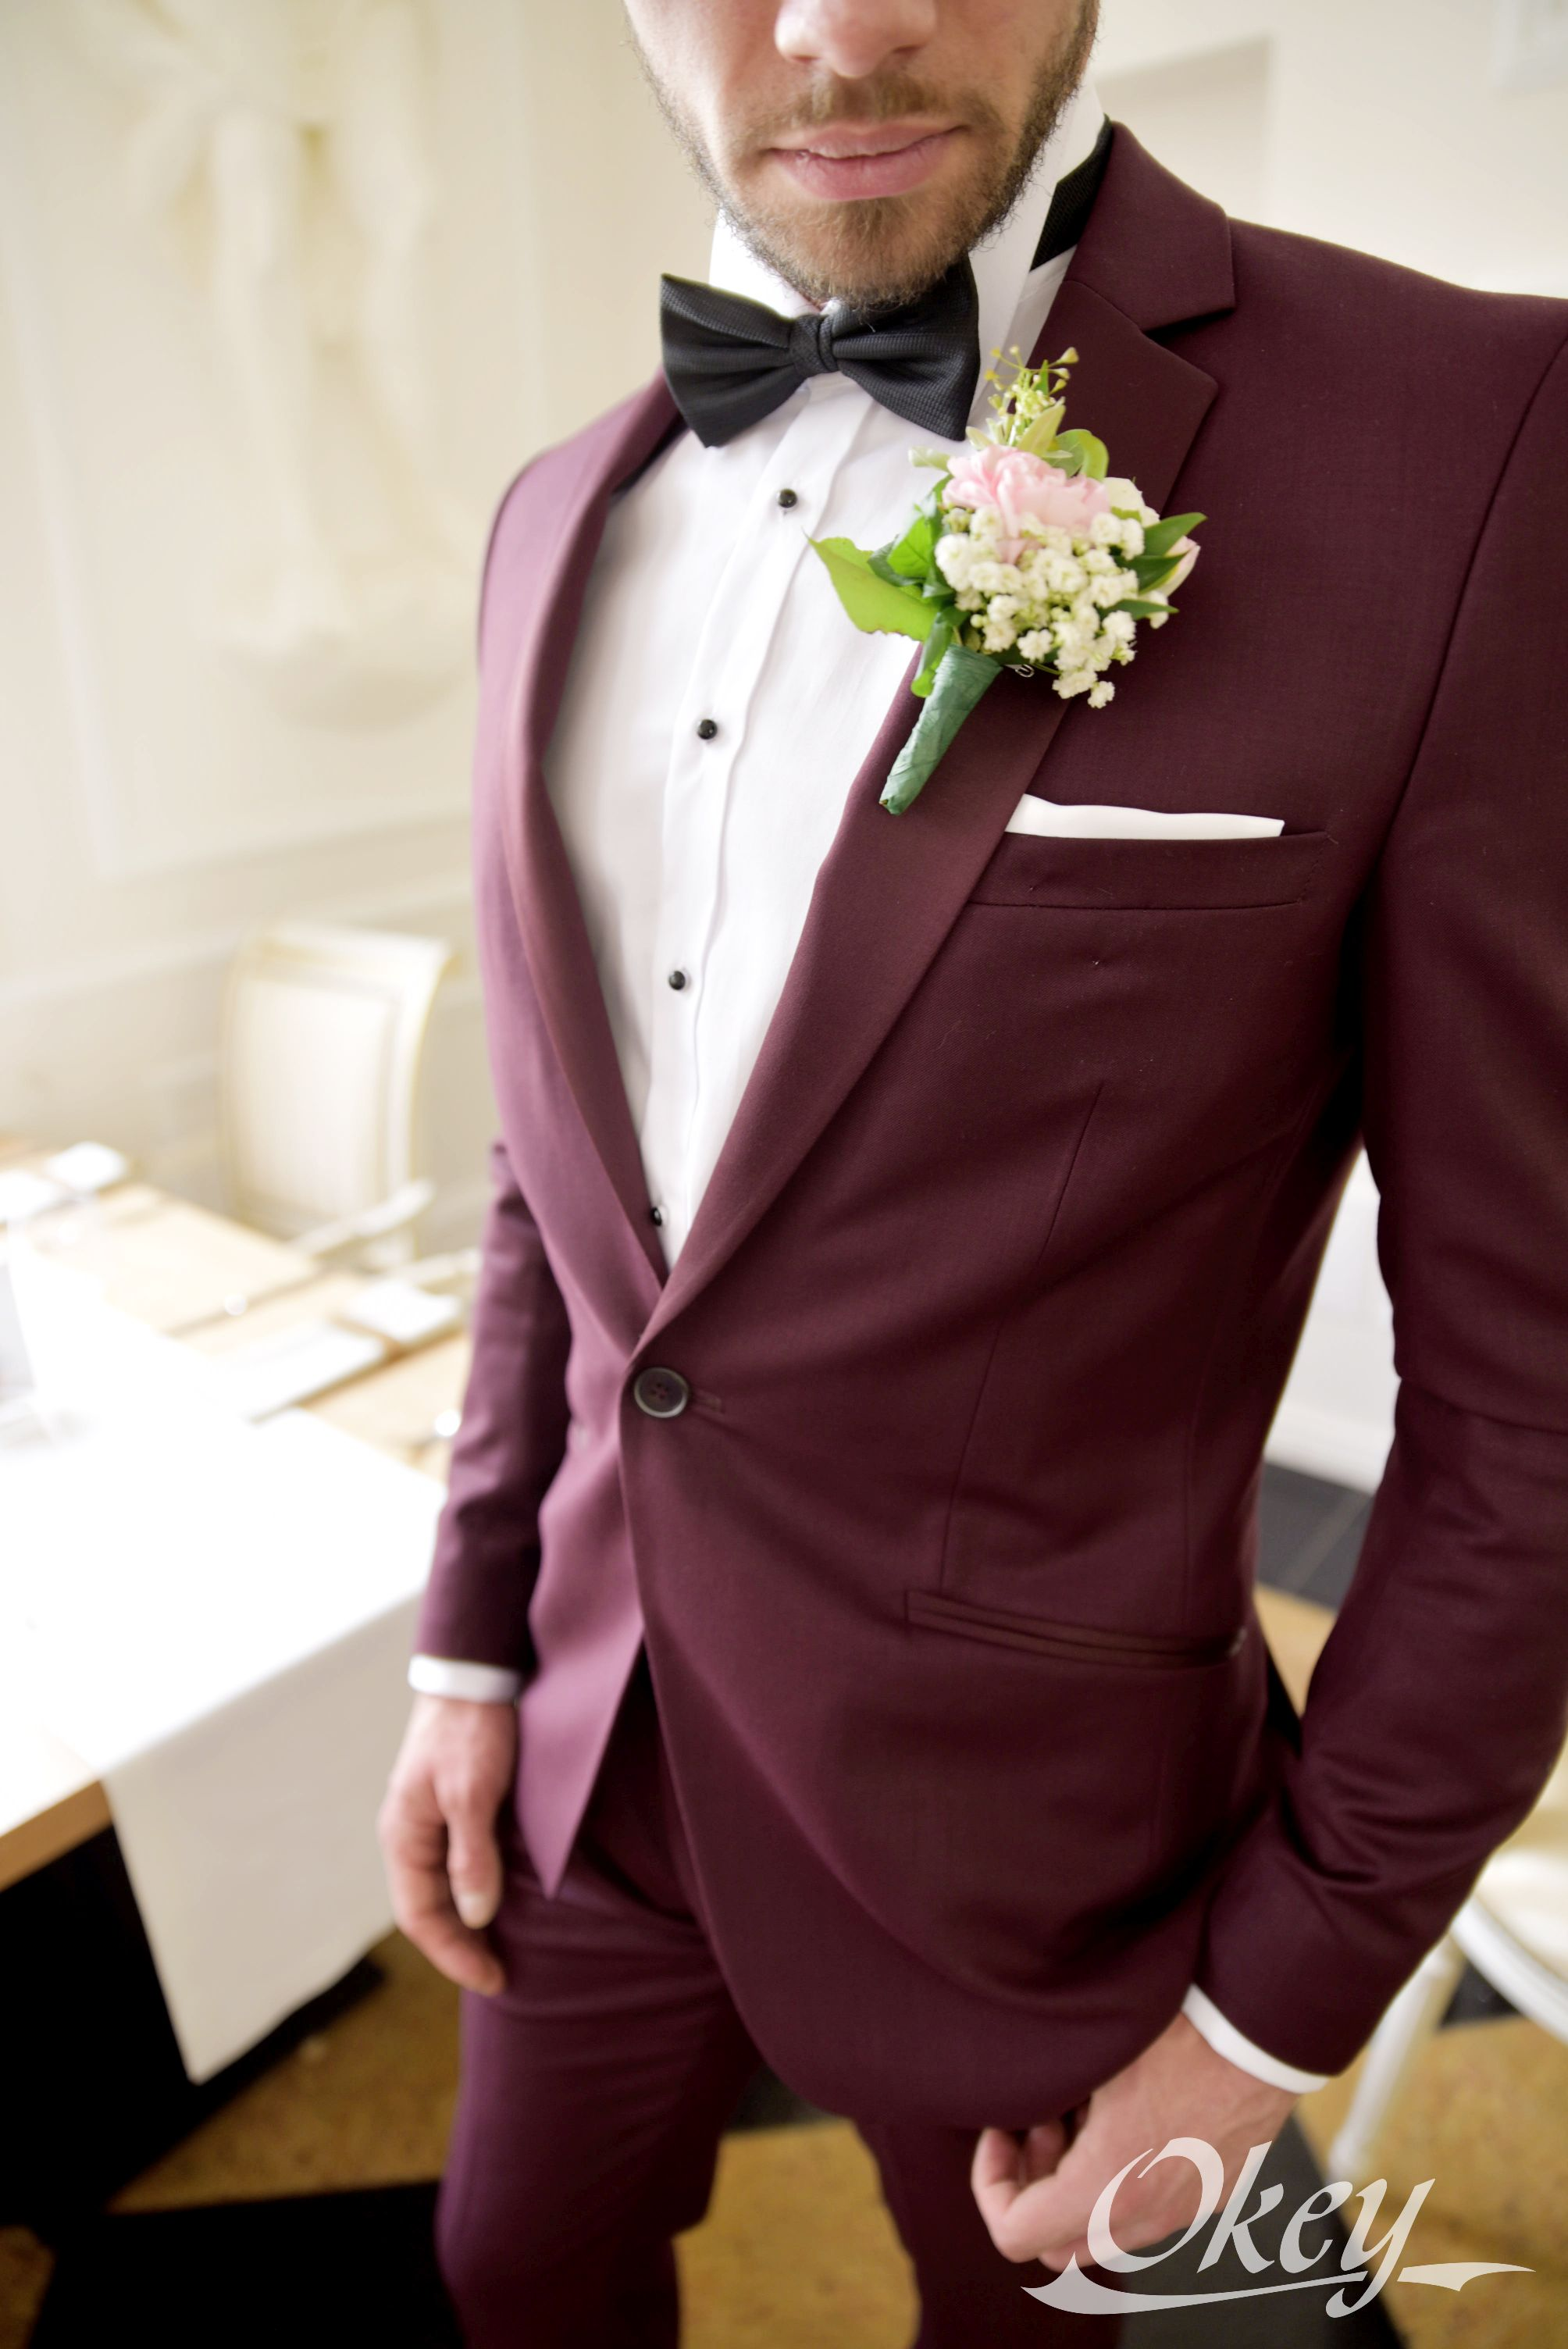 bd6ba07fc29f1 Nasze kolekcje garniturów ślubnych to połączenie najnowszych trendów w  modzie męskiej oraz ponadczasowej klasycznej męskiej elegancji.